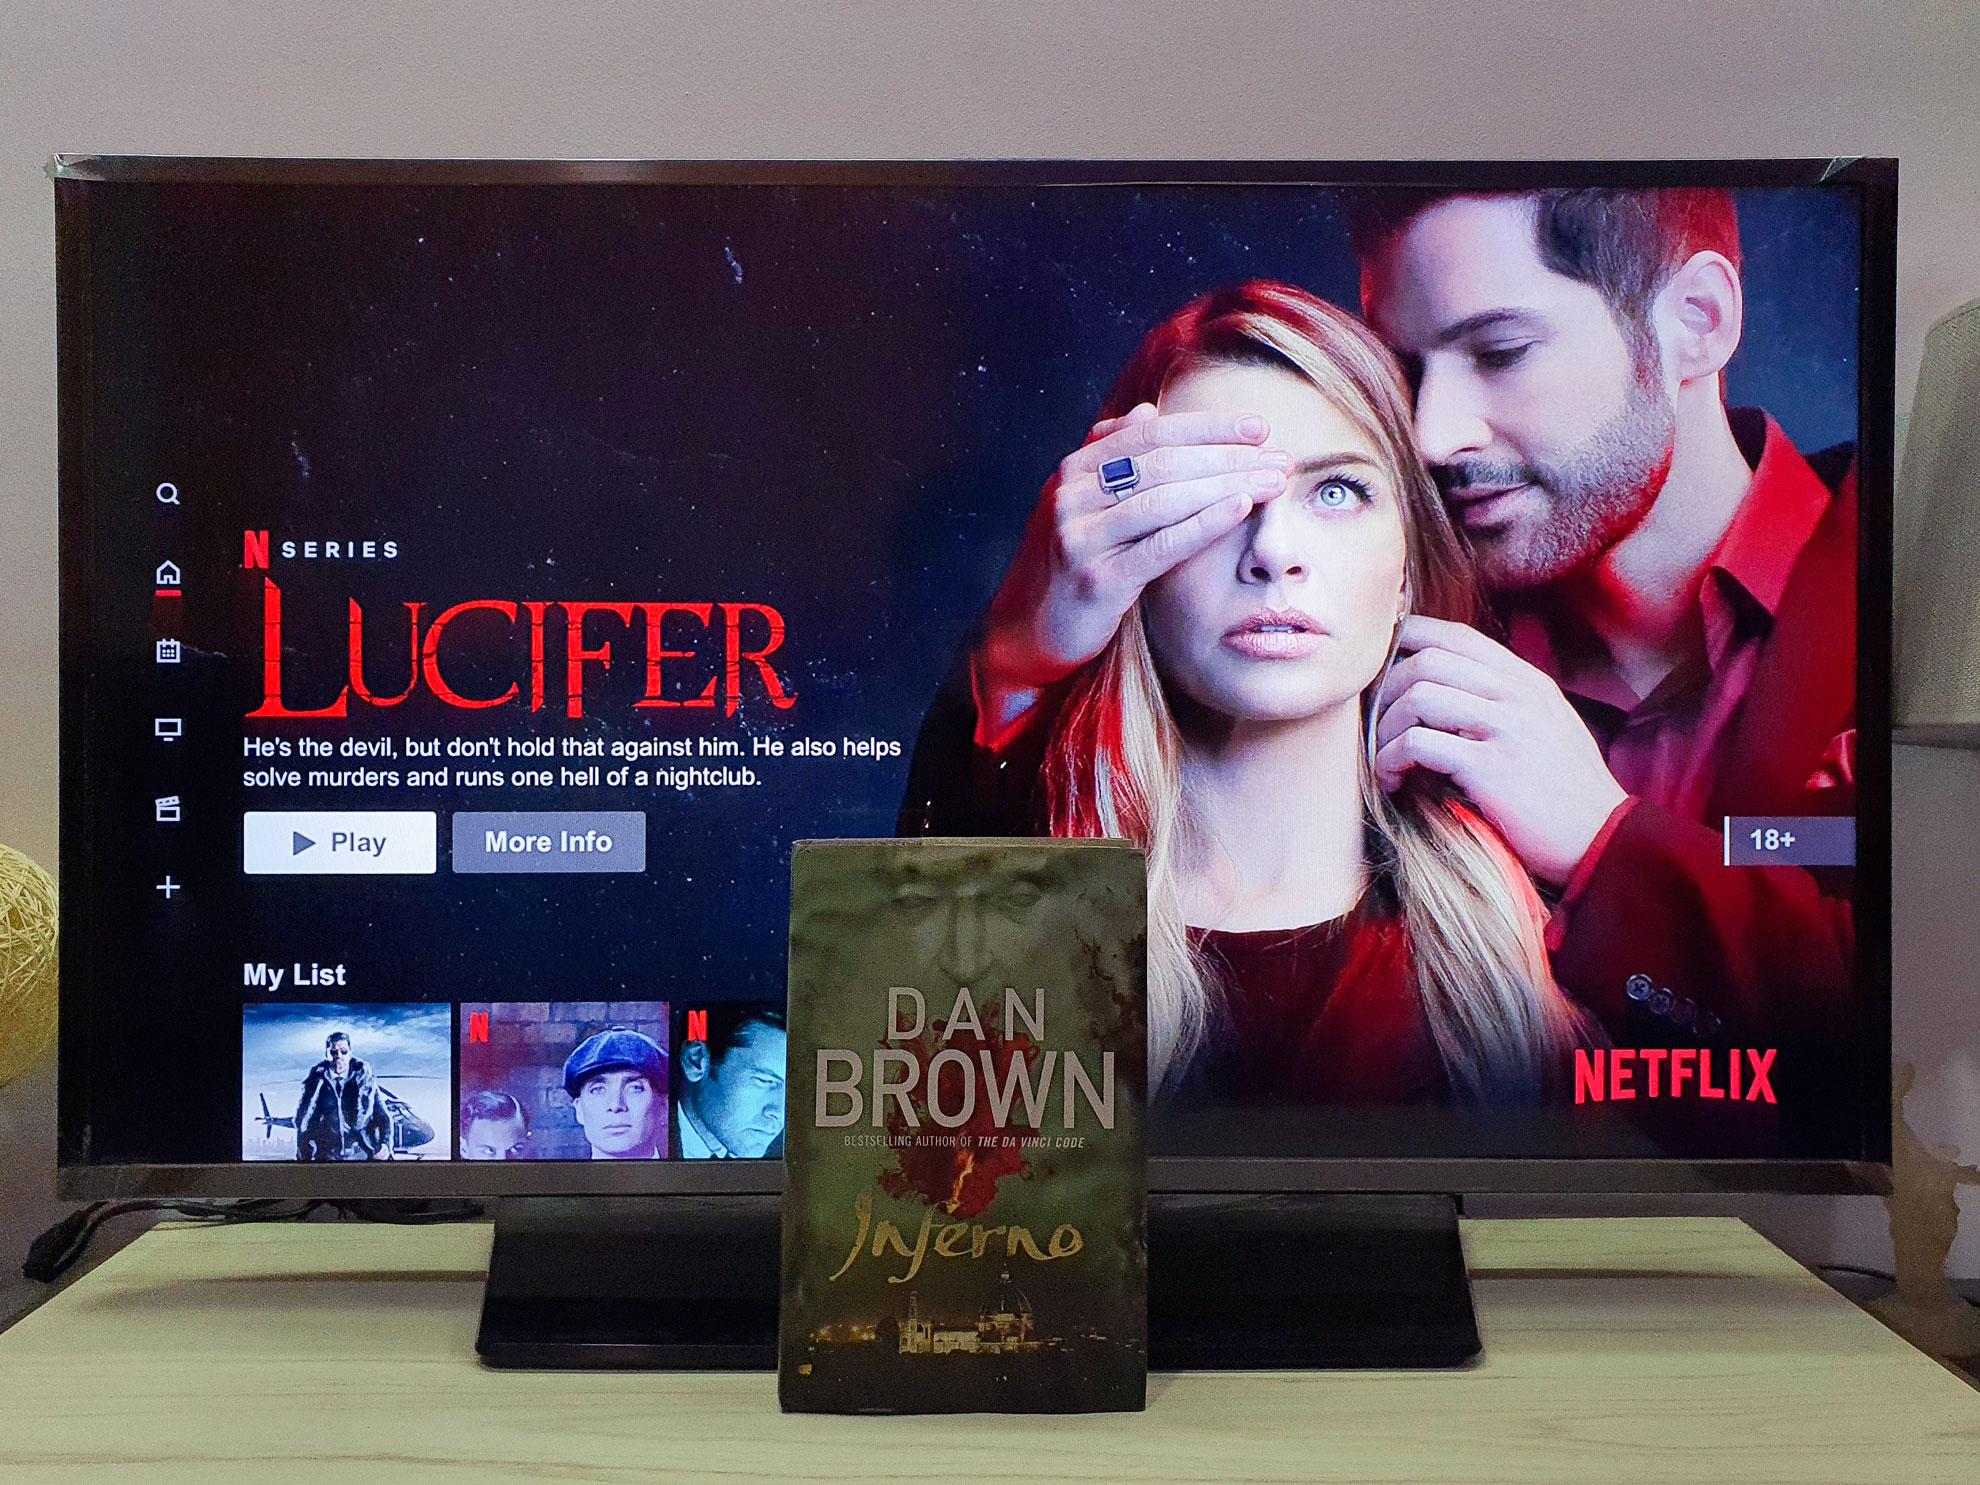 Netflix vs Book